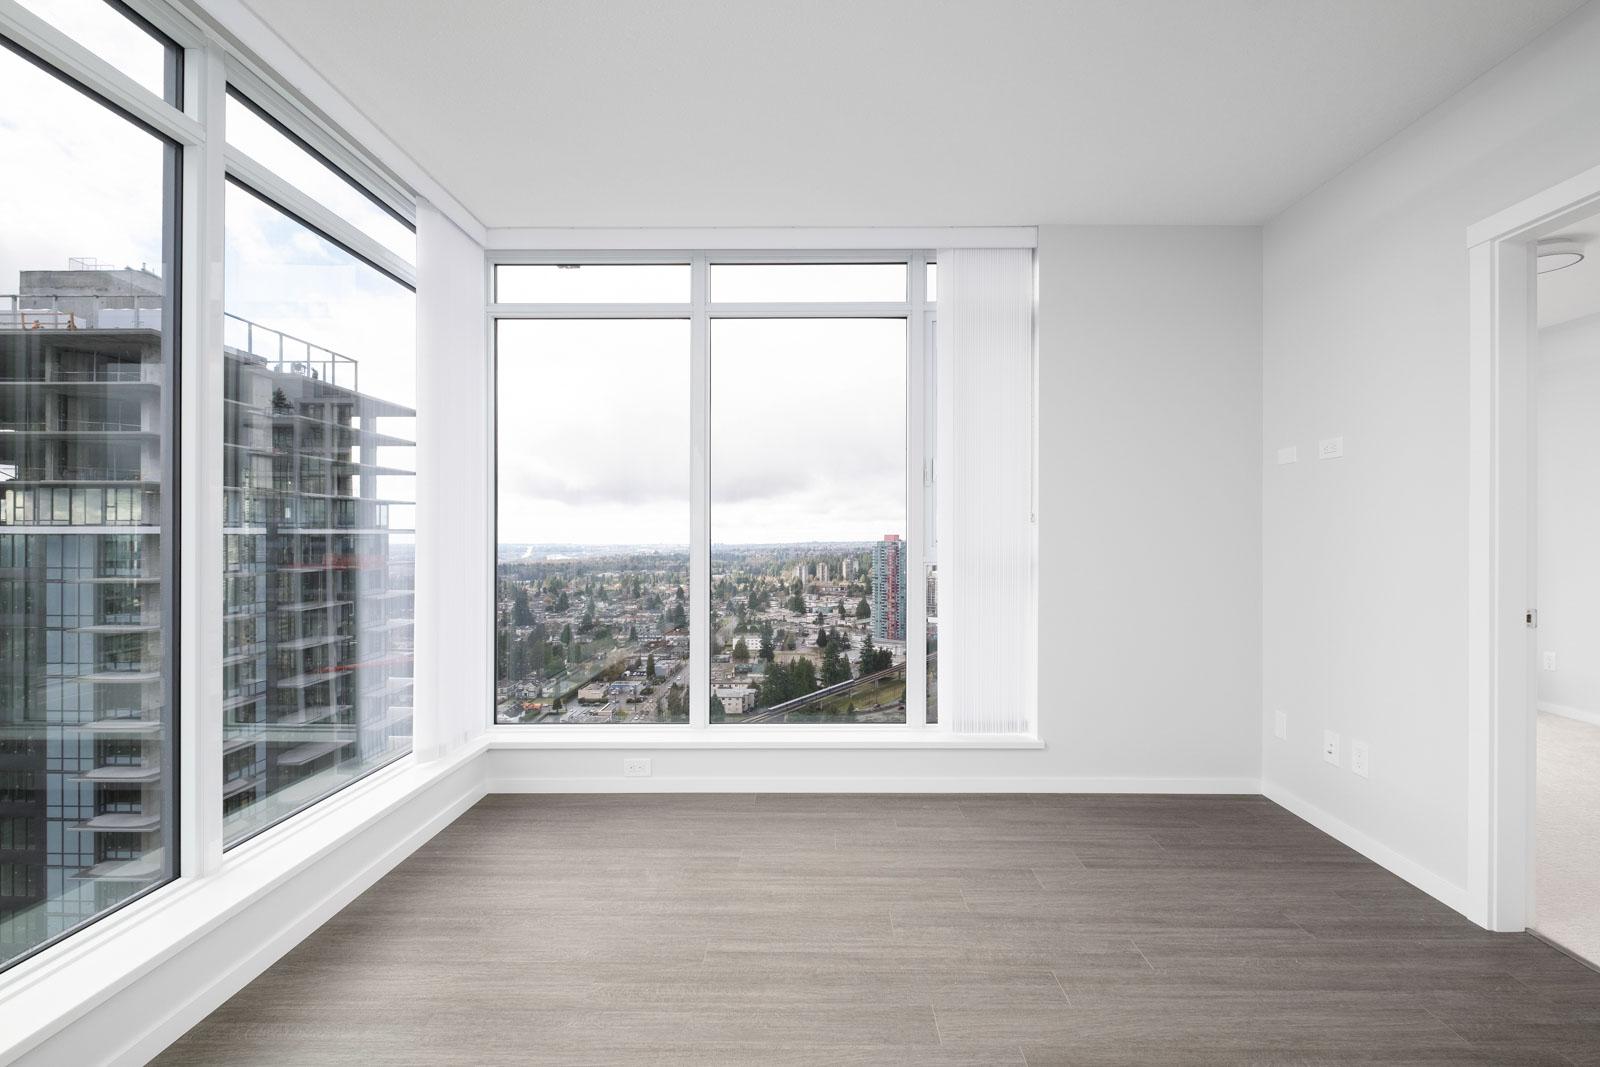 living room with hardwood floors in rental condo in the Metrotown neighbourhood of Burnaby